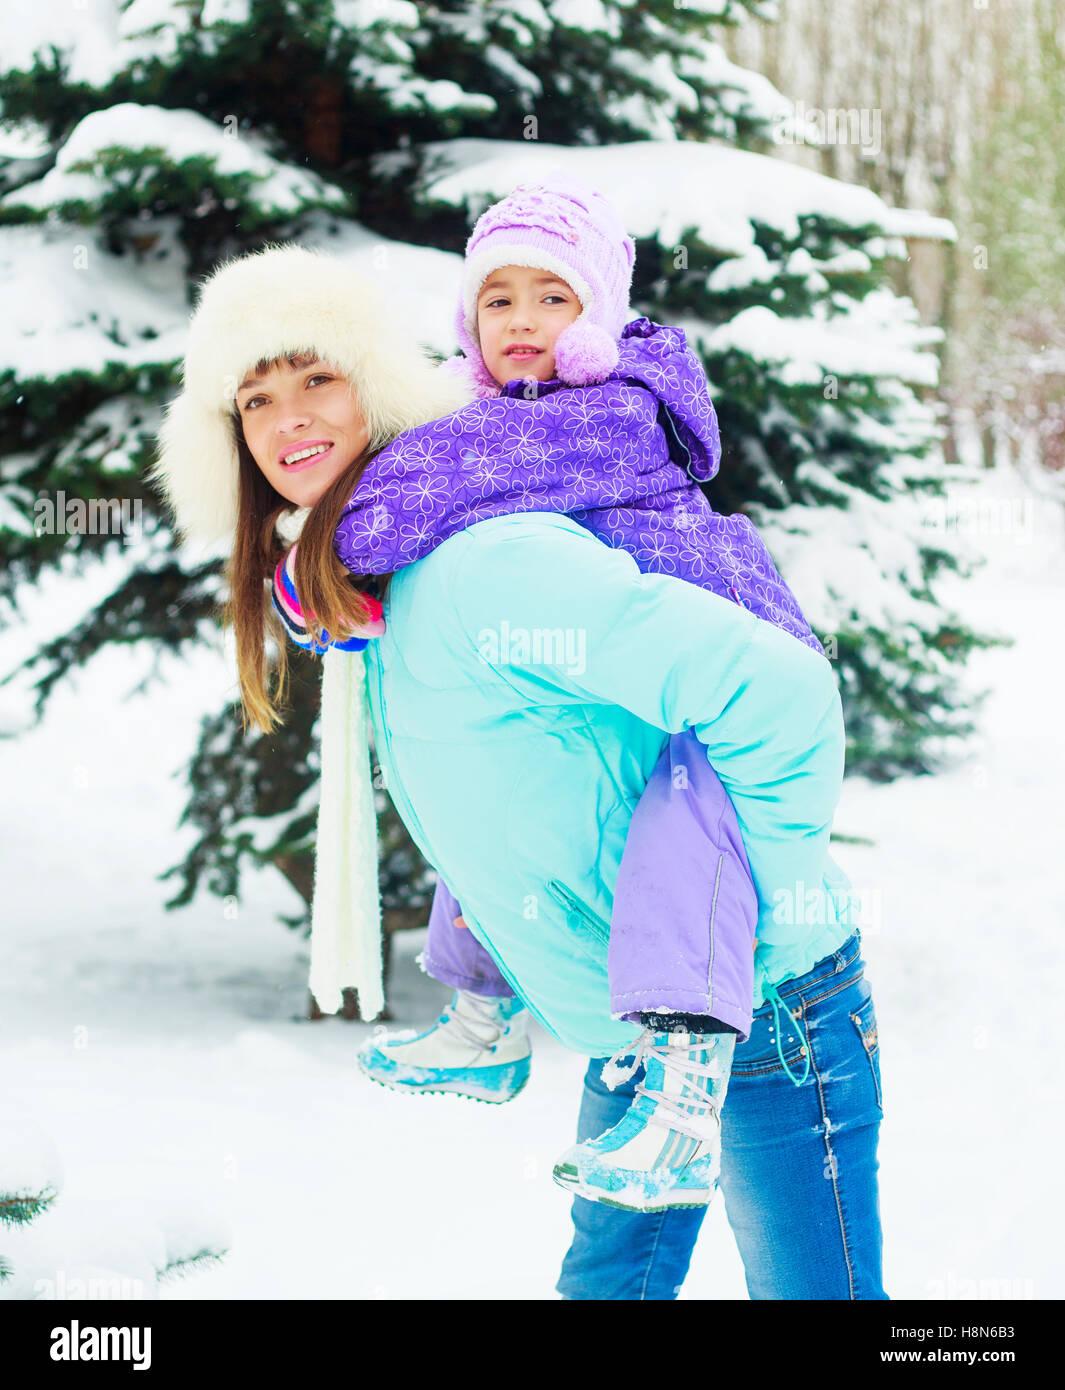 glückliche Mutter und Tochter im Winter park Stockbild